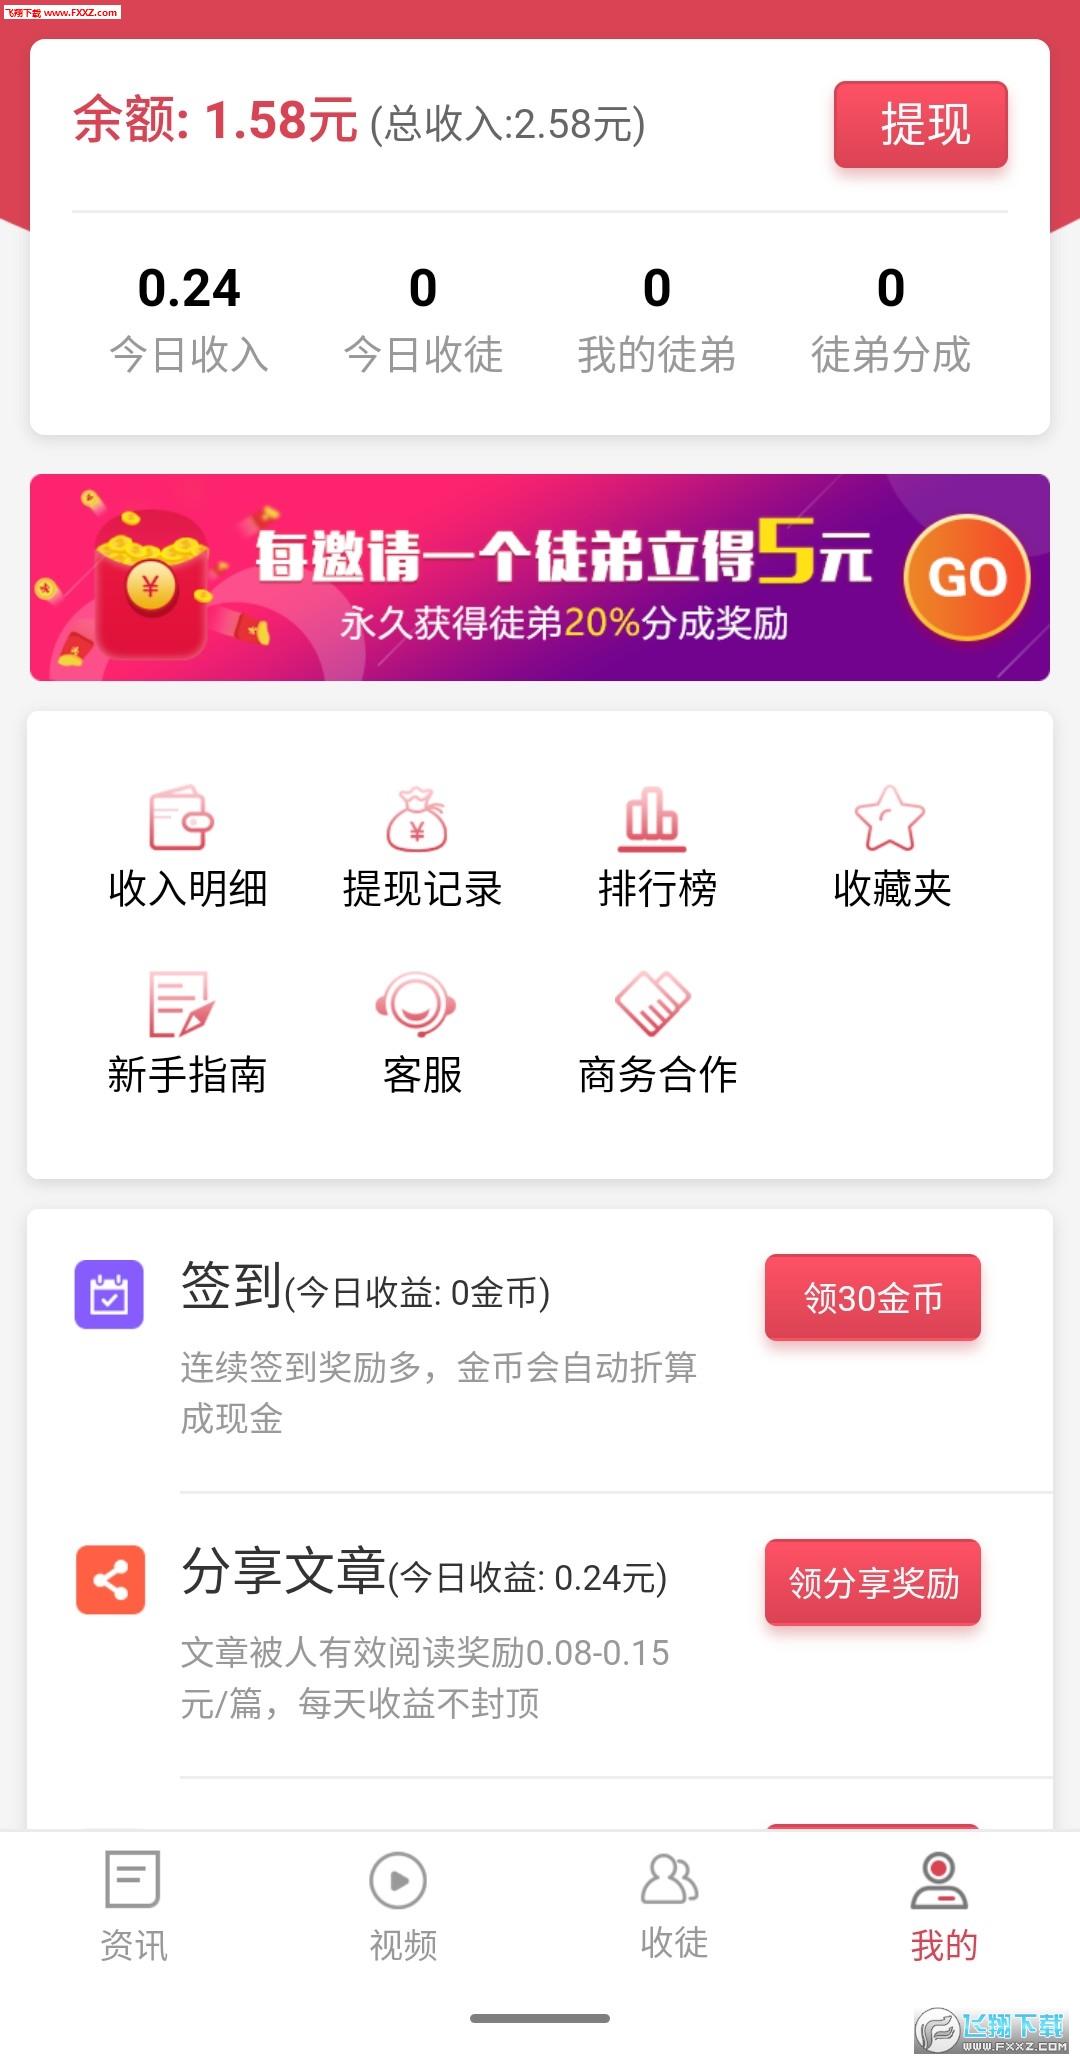 阅资讯赚钱app最新版2.3.7截图2